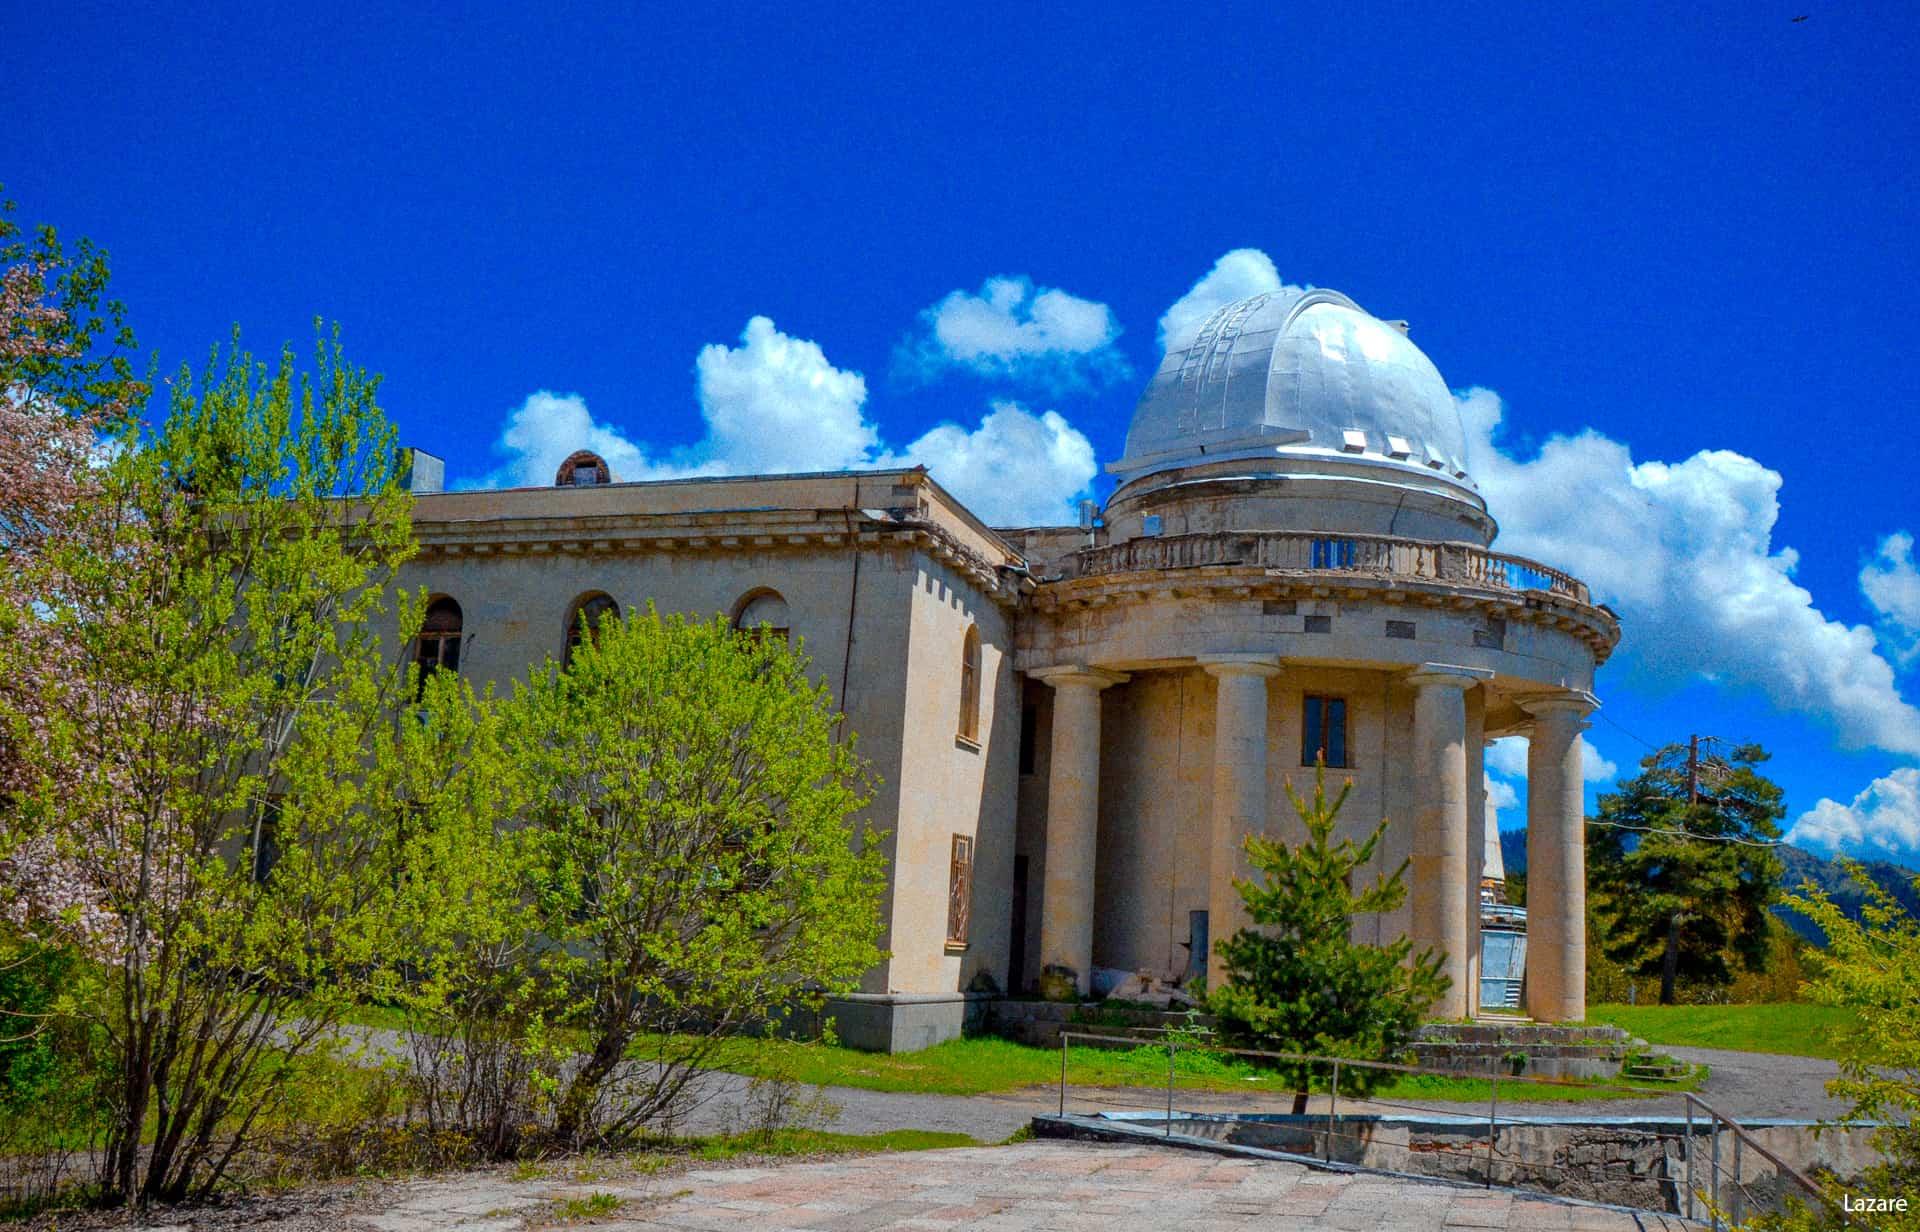 مرصد اباستوماني الفيزيائي الفلكي جورجيا